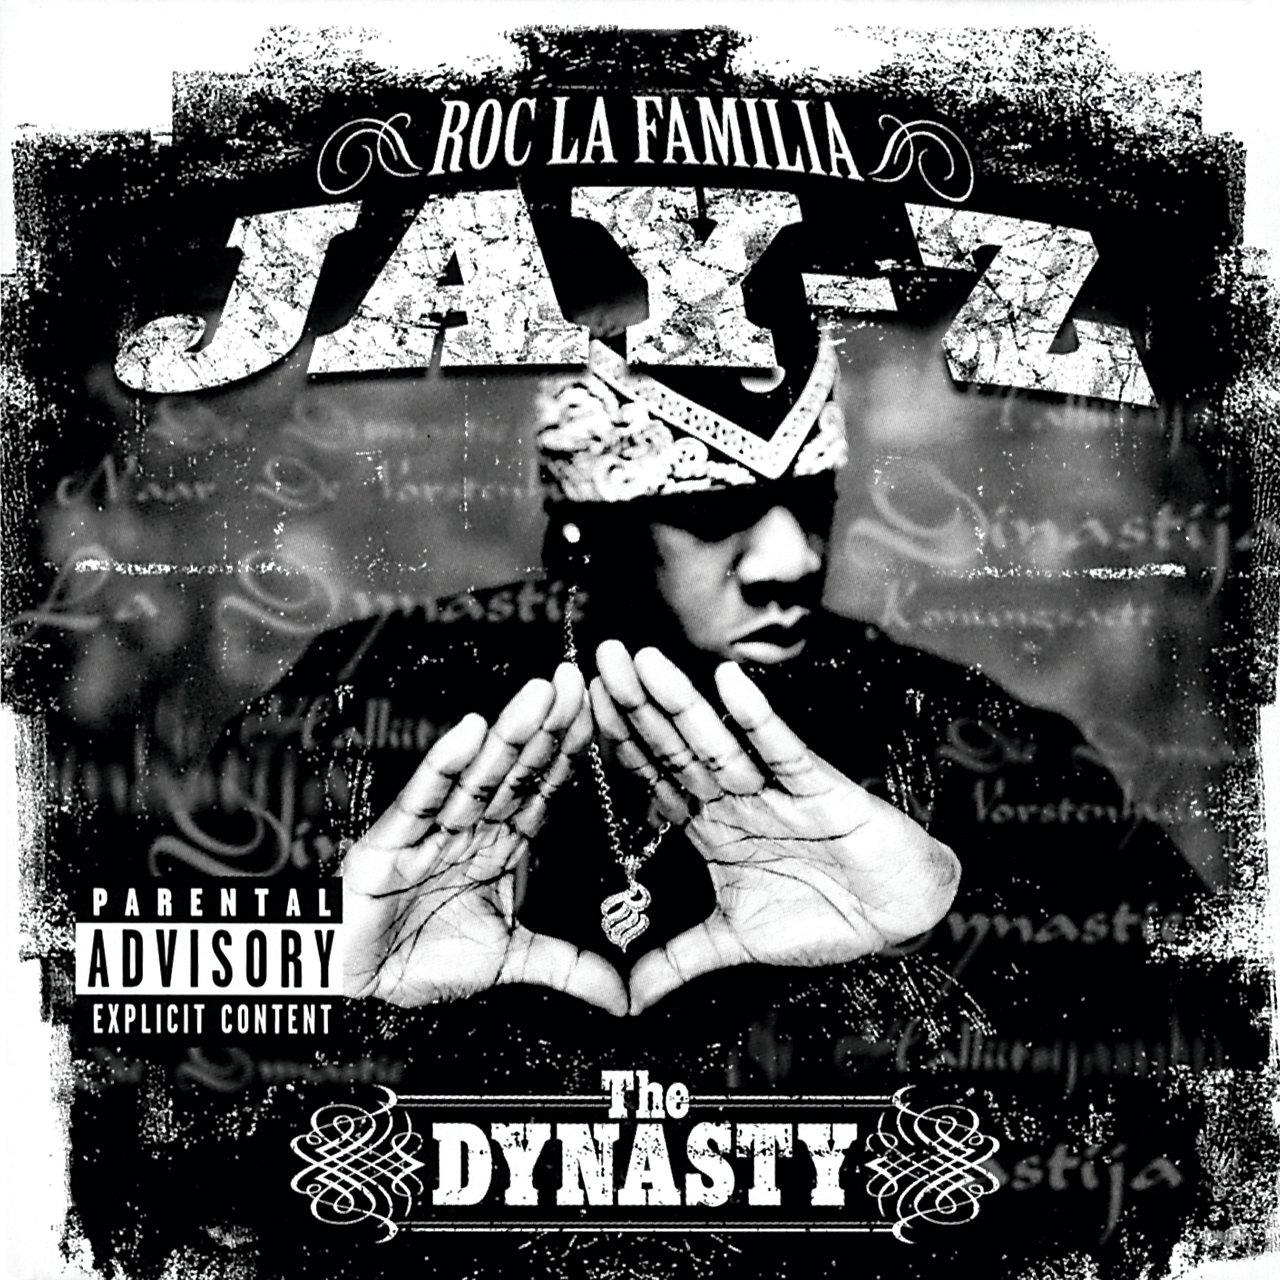 Jay-Z - The Dynasty: Roc La Familia (Cover)